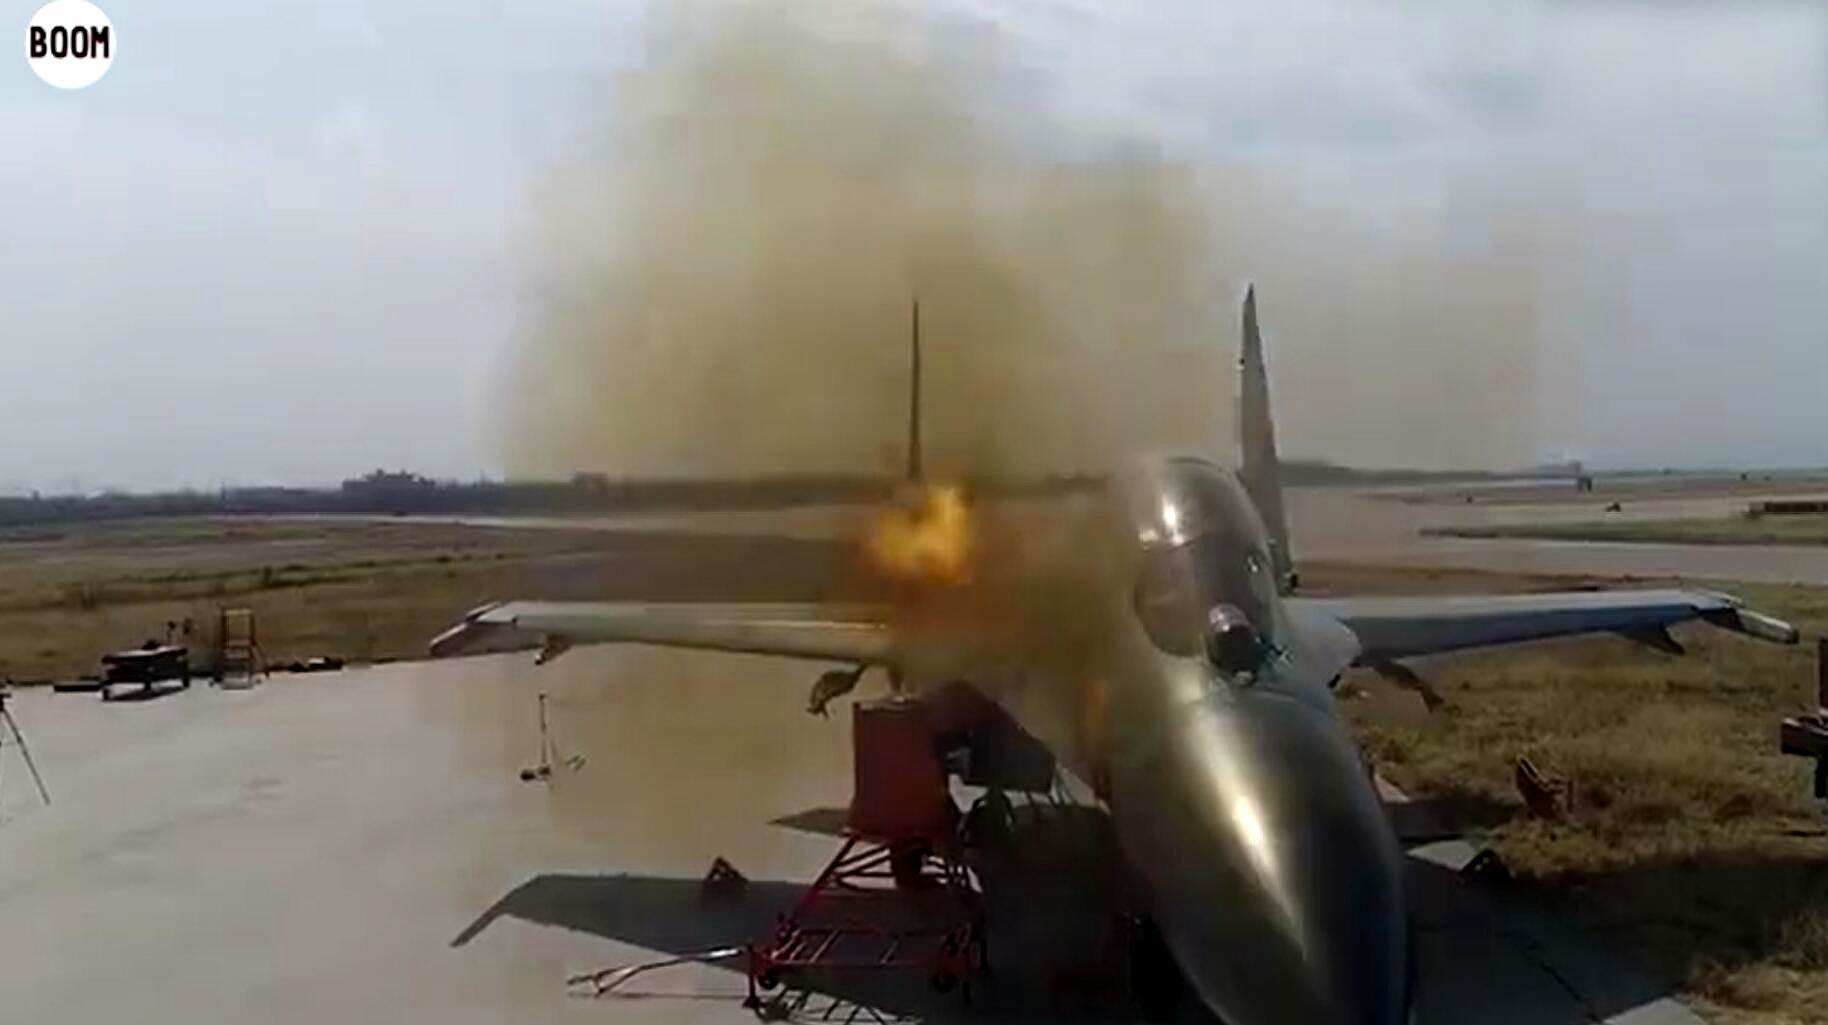 中国空军曝地面校射歼-11BS战机30毫米航炮